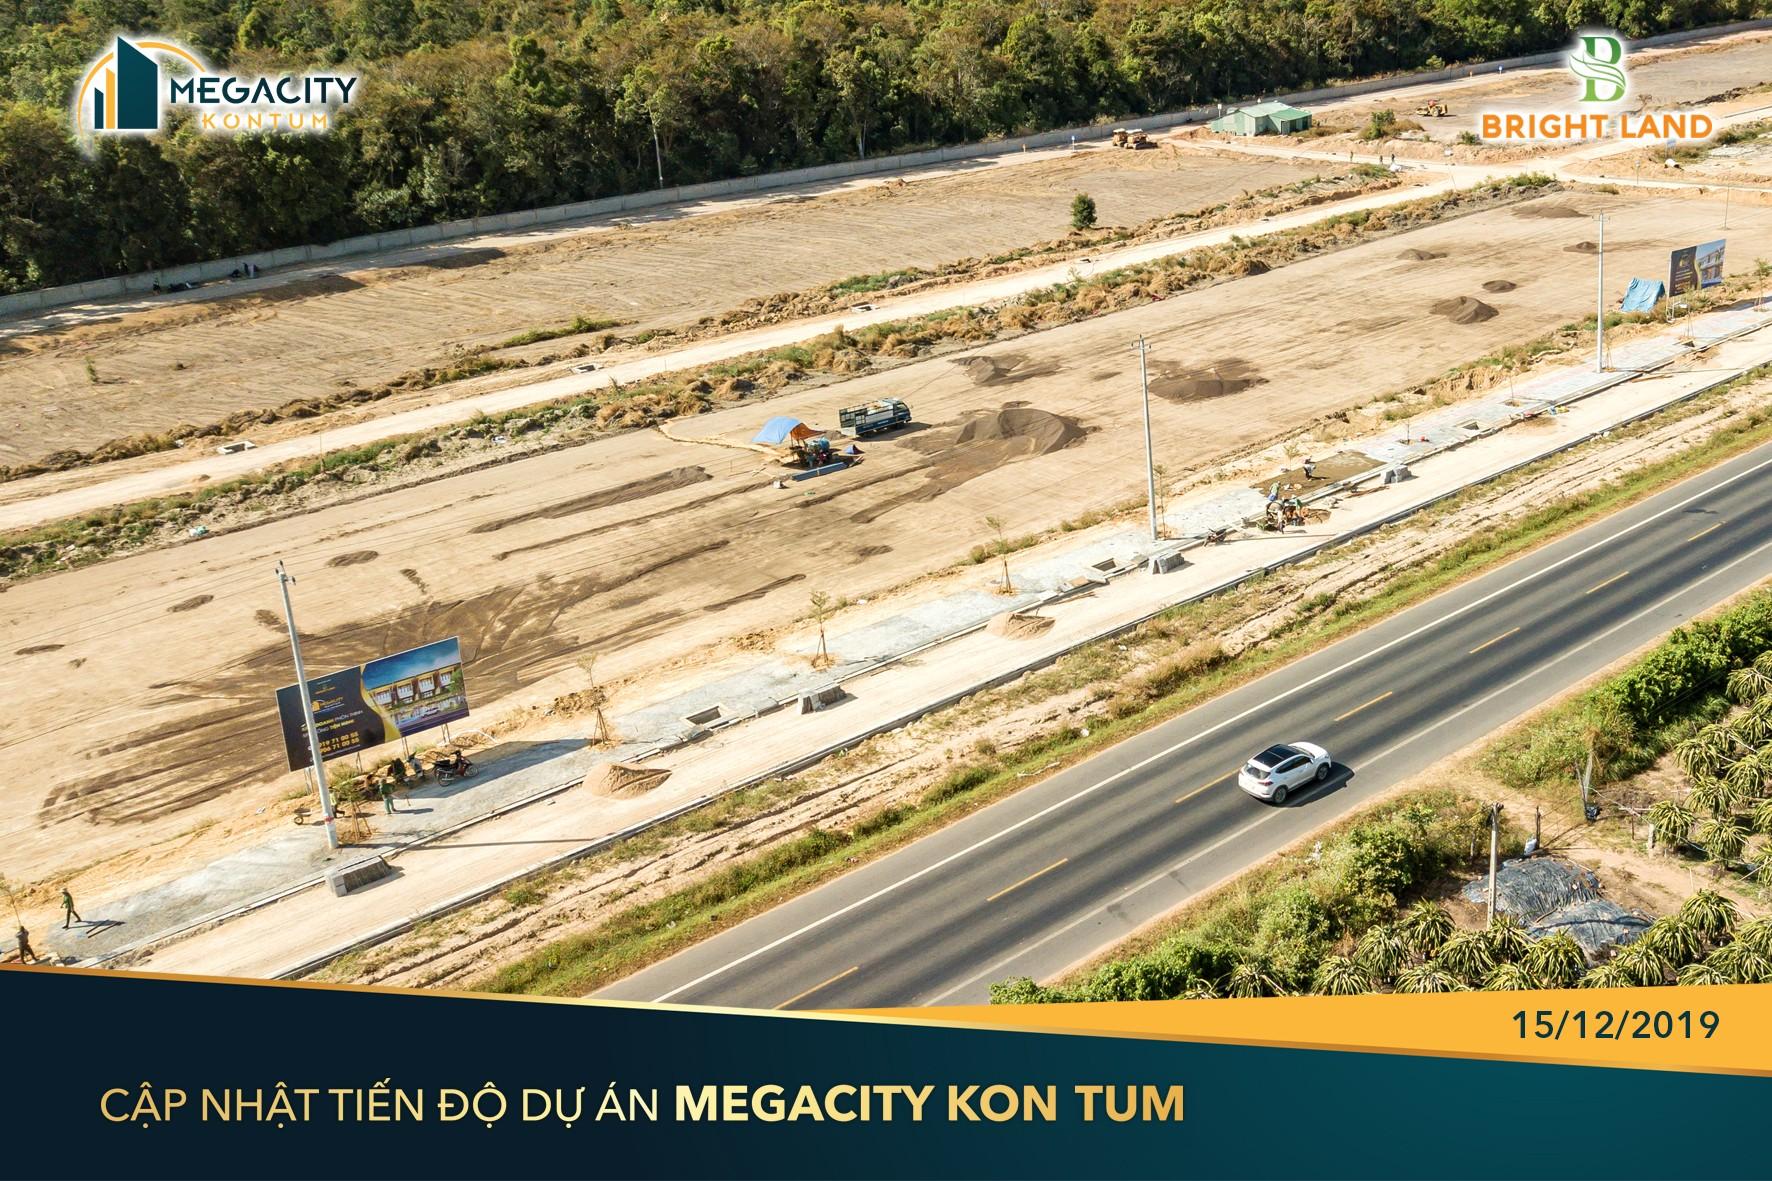 Dự án đã hoàn thiện 95% hạ tầng